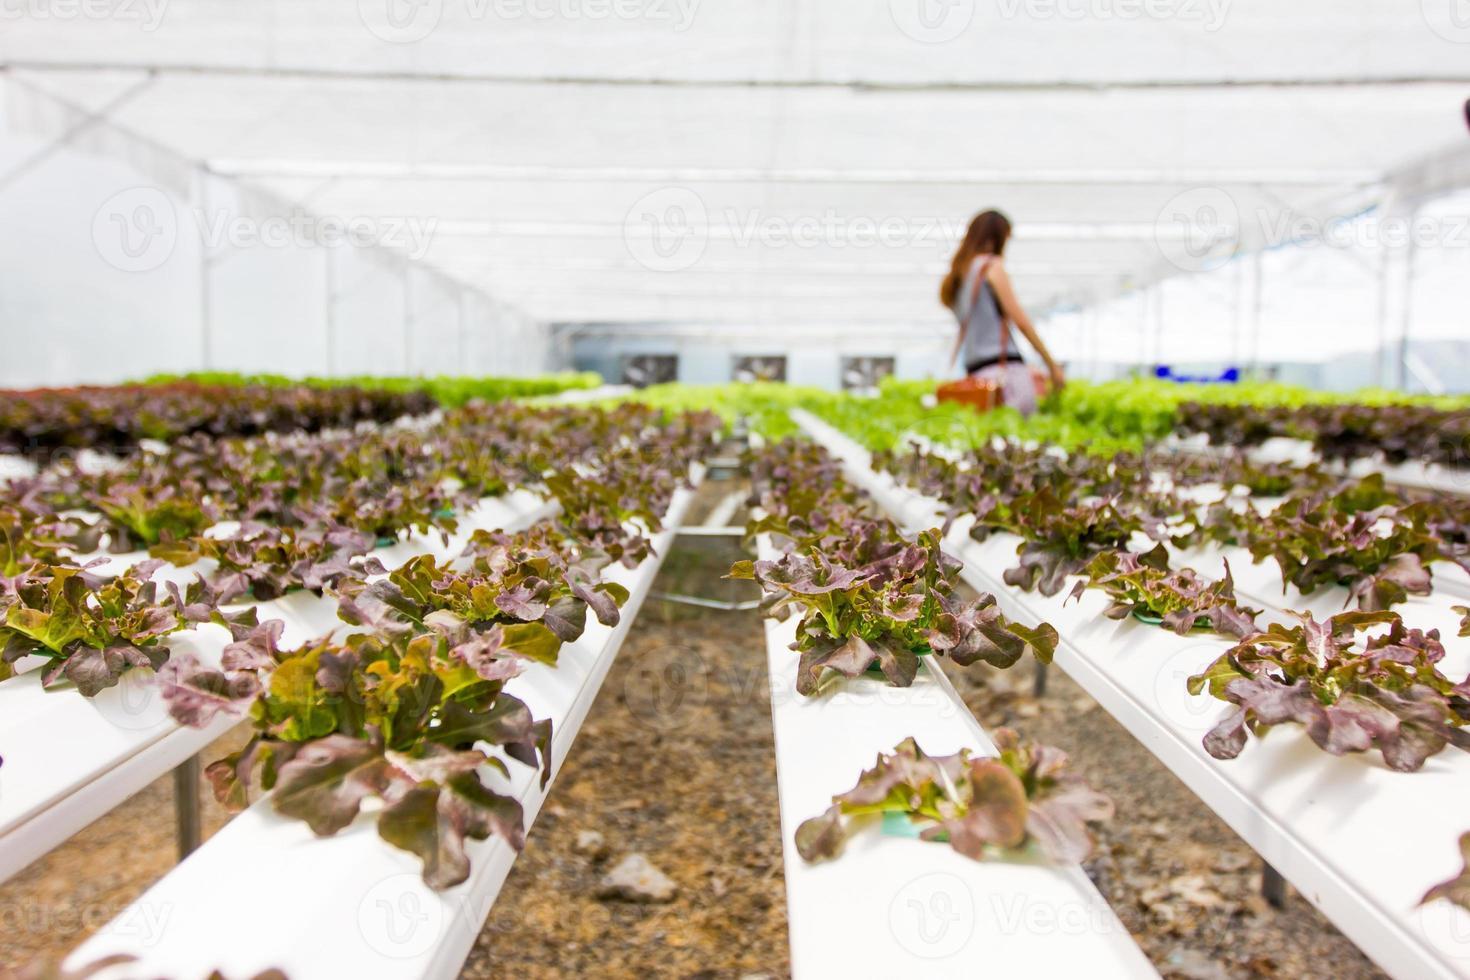 fattoria di verdure idroponica in Thailandia foto